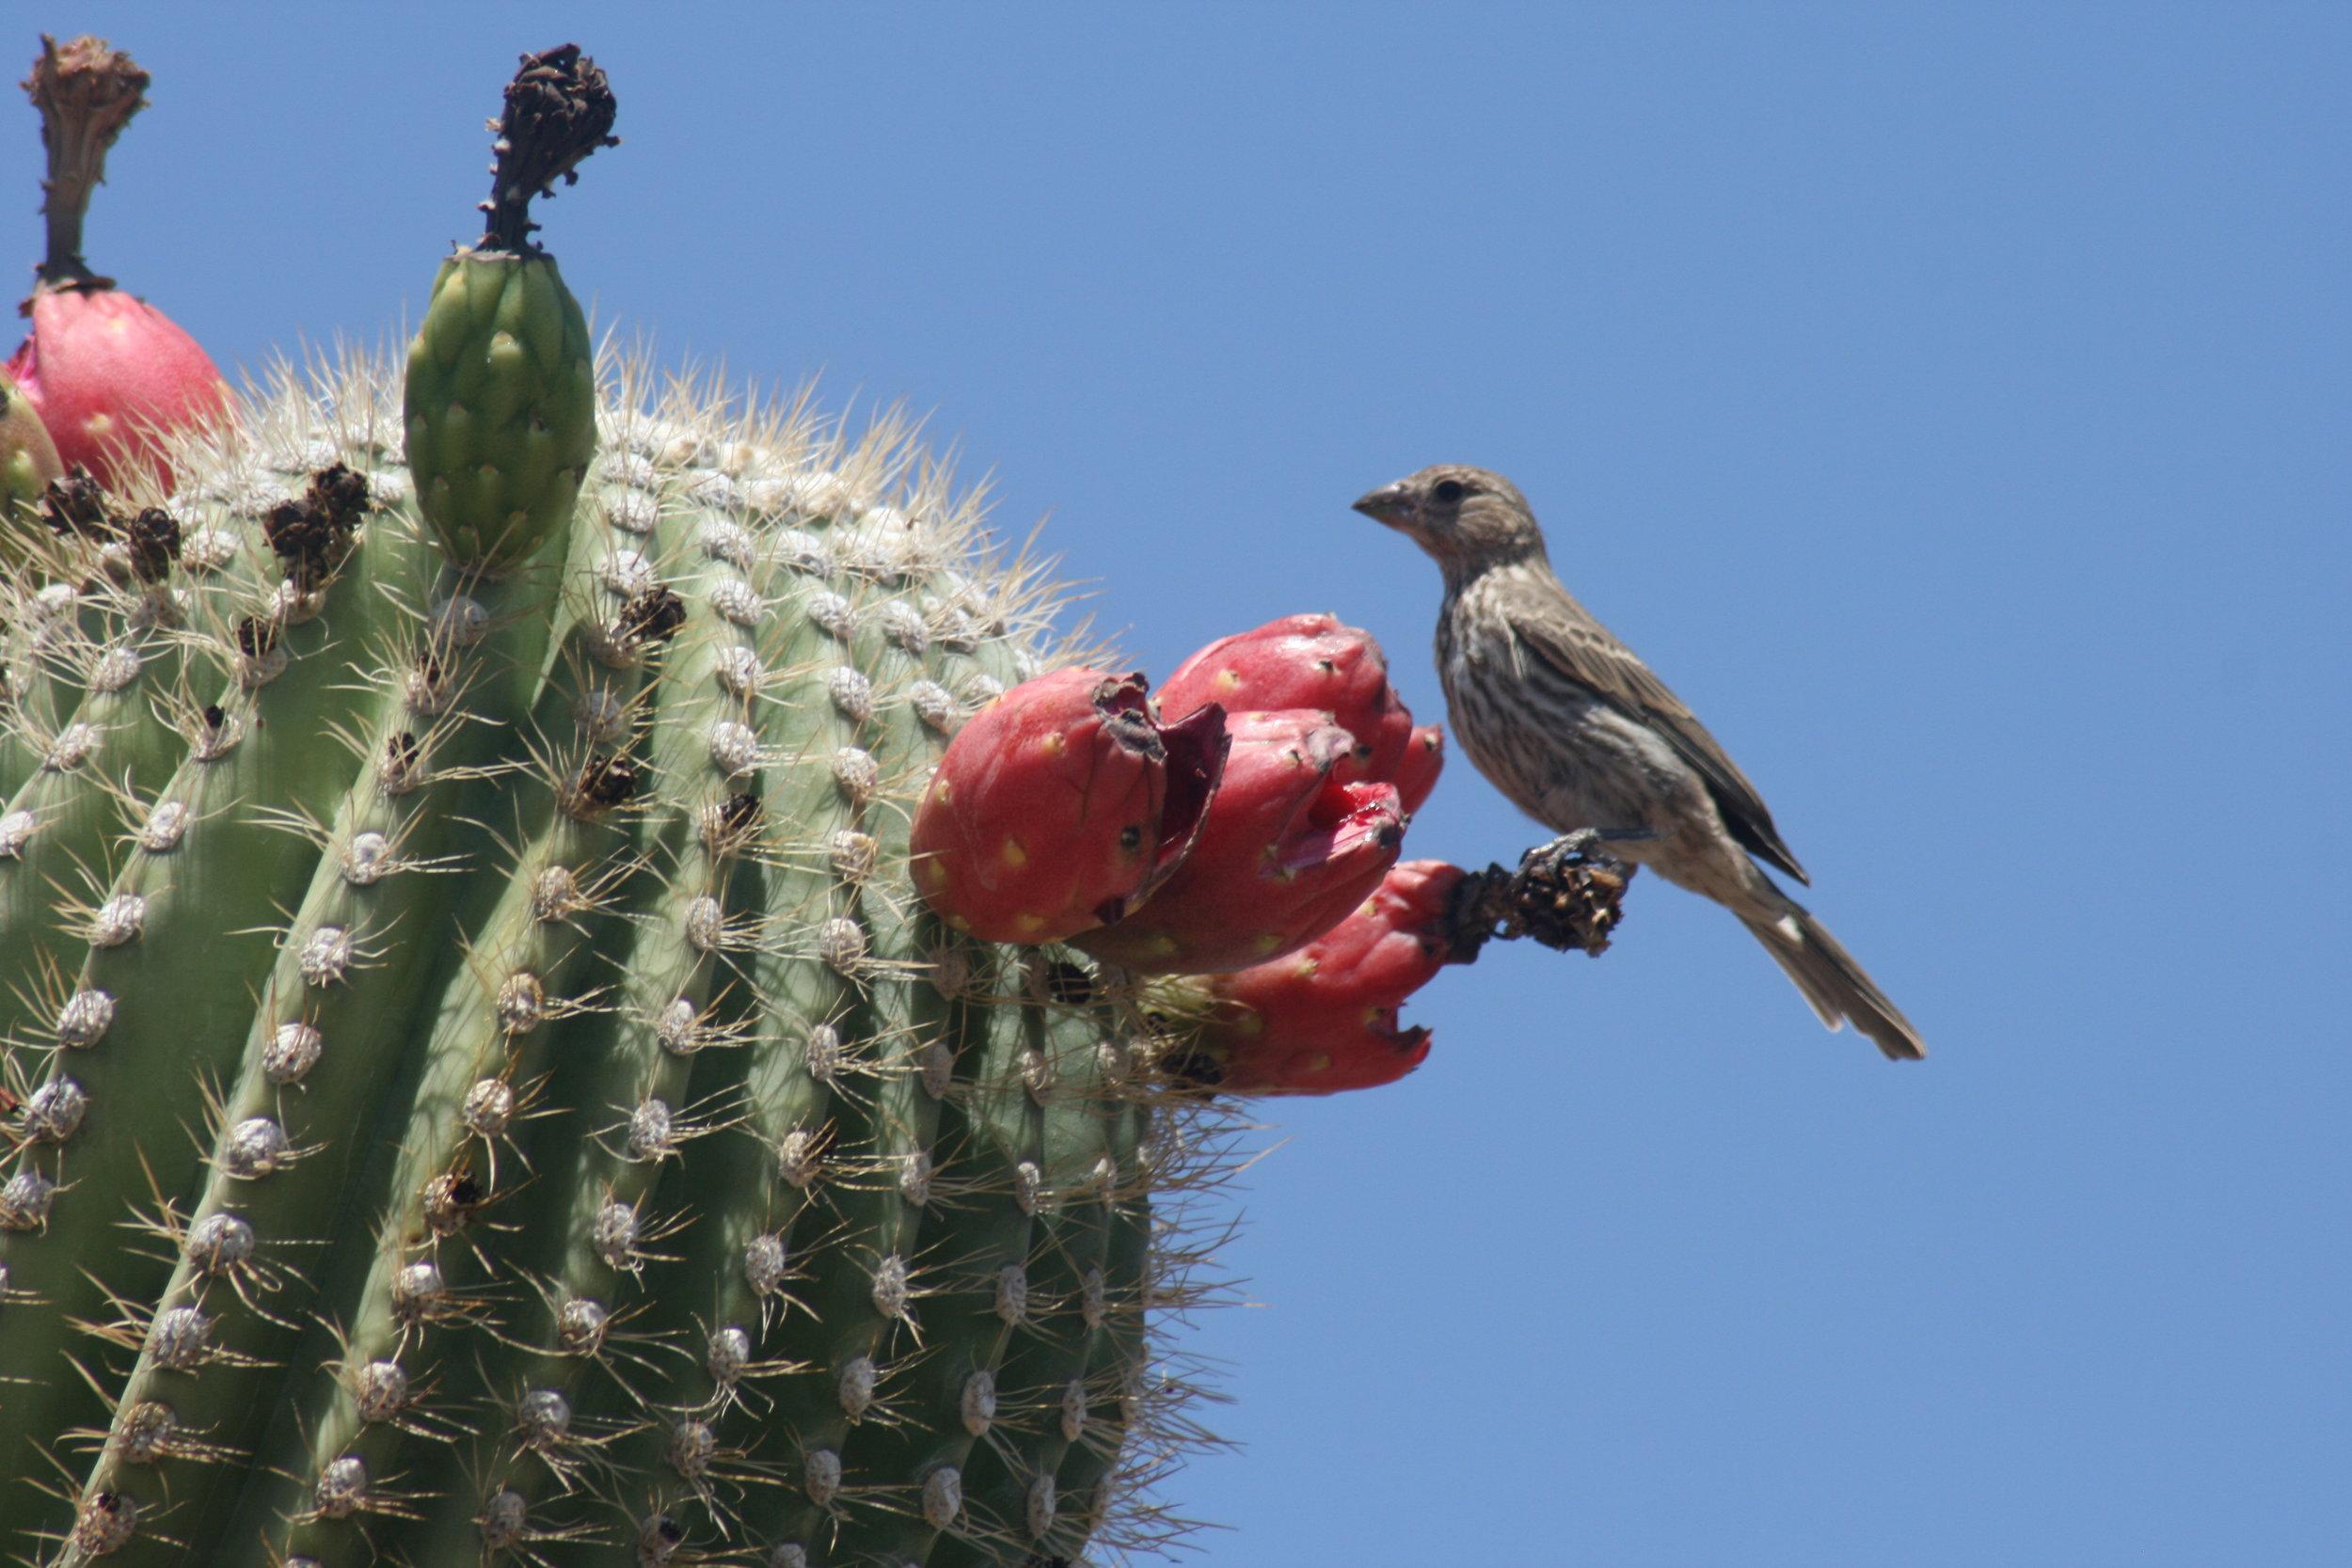 Saguaro_cactus_fruits_with_bird.jpg